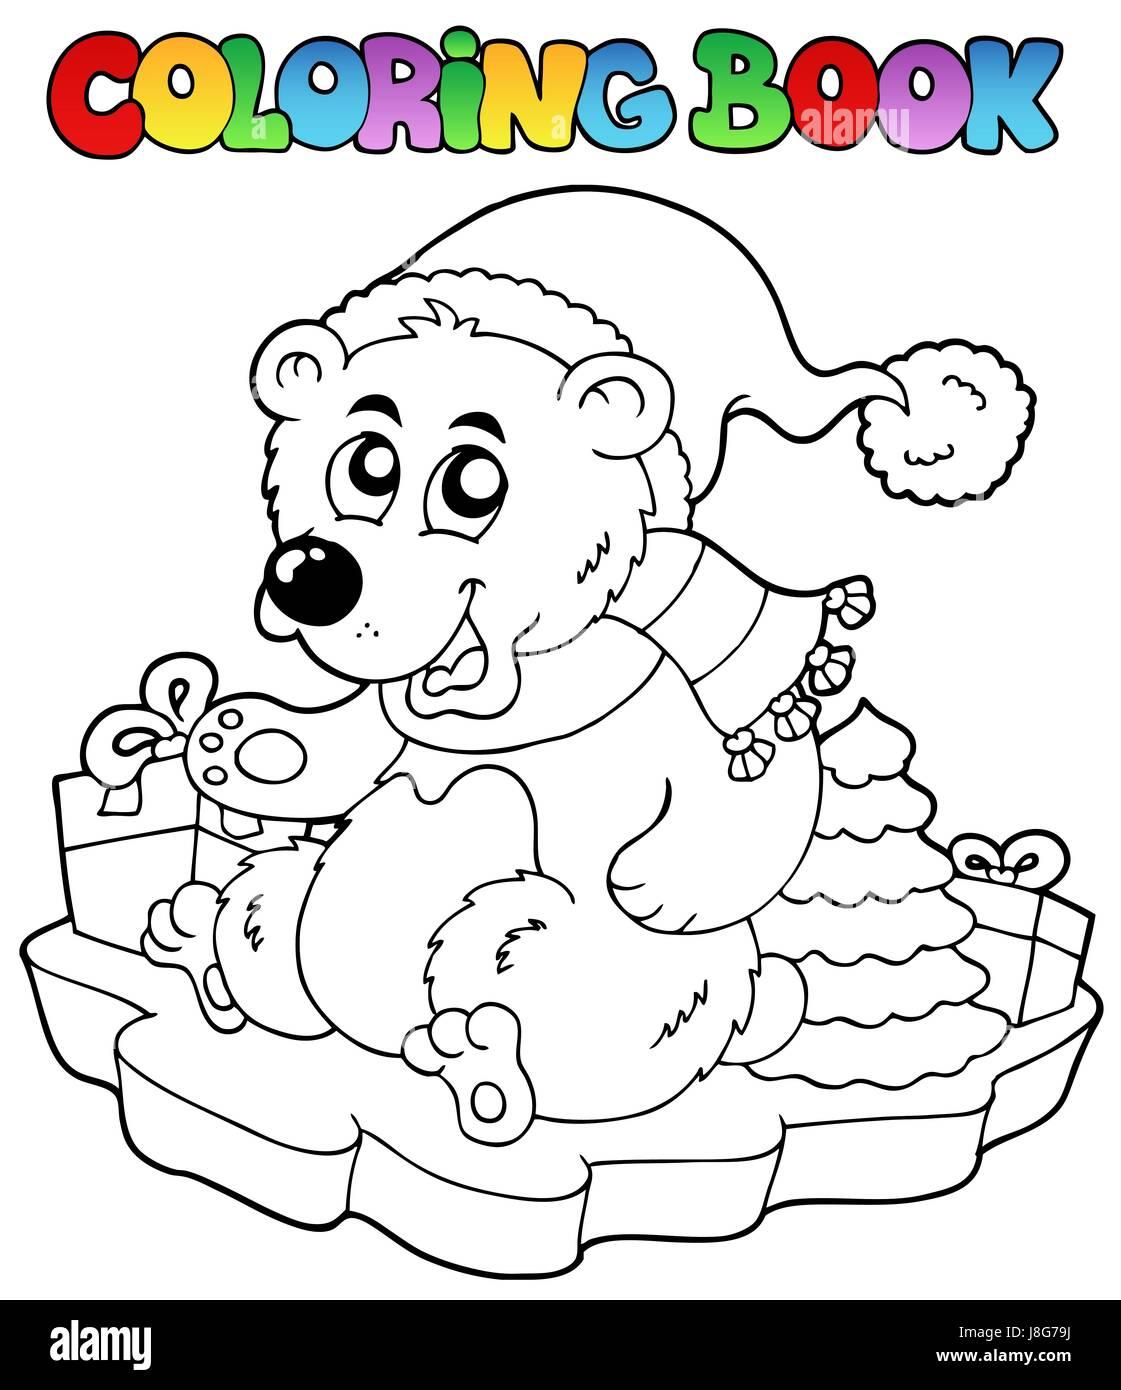 Farbe tragen, malen, gemalt, Färbung, Xmas, x-mas, Buch, Weihnachten ...